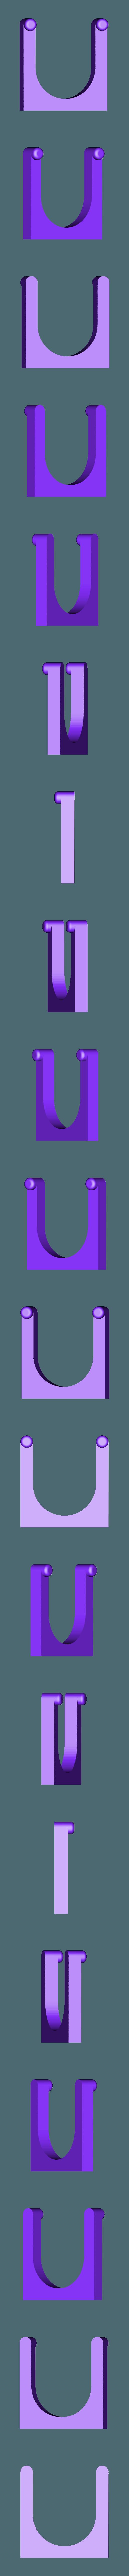 Teeth.STL Télécharger fichier STL gratuit Support magnétique pour distributeur • Modèle pour impression 3D, perinski